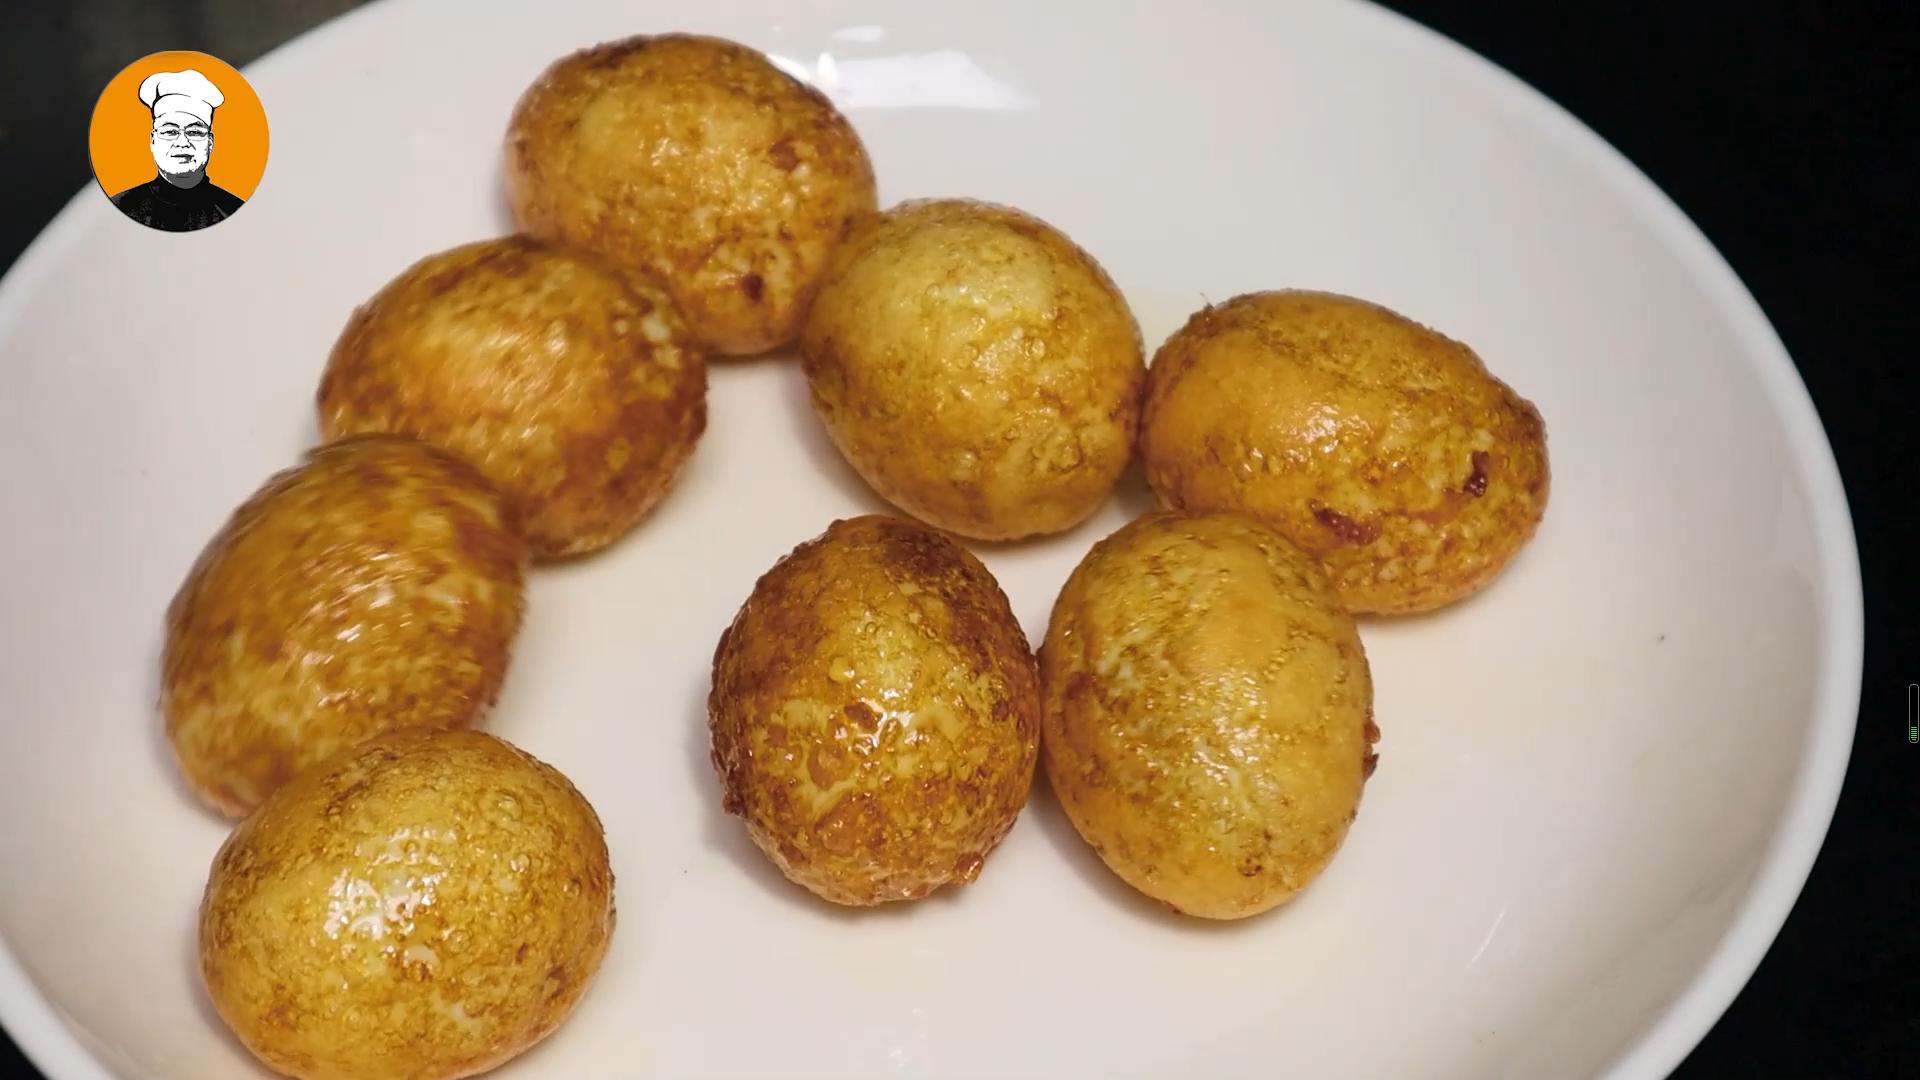 虎皮鸡蛋正确做法,一煮二炸三炖,鸡蛋香酥可口 虎皮鸡蛋 第5张